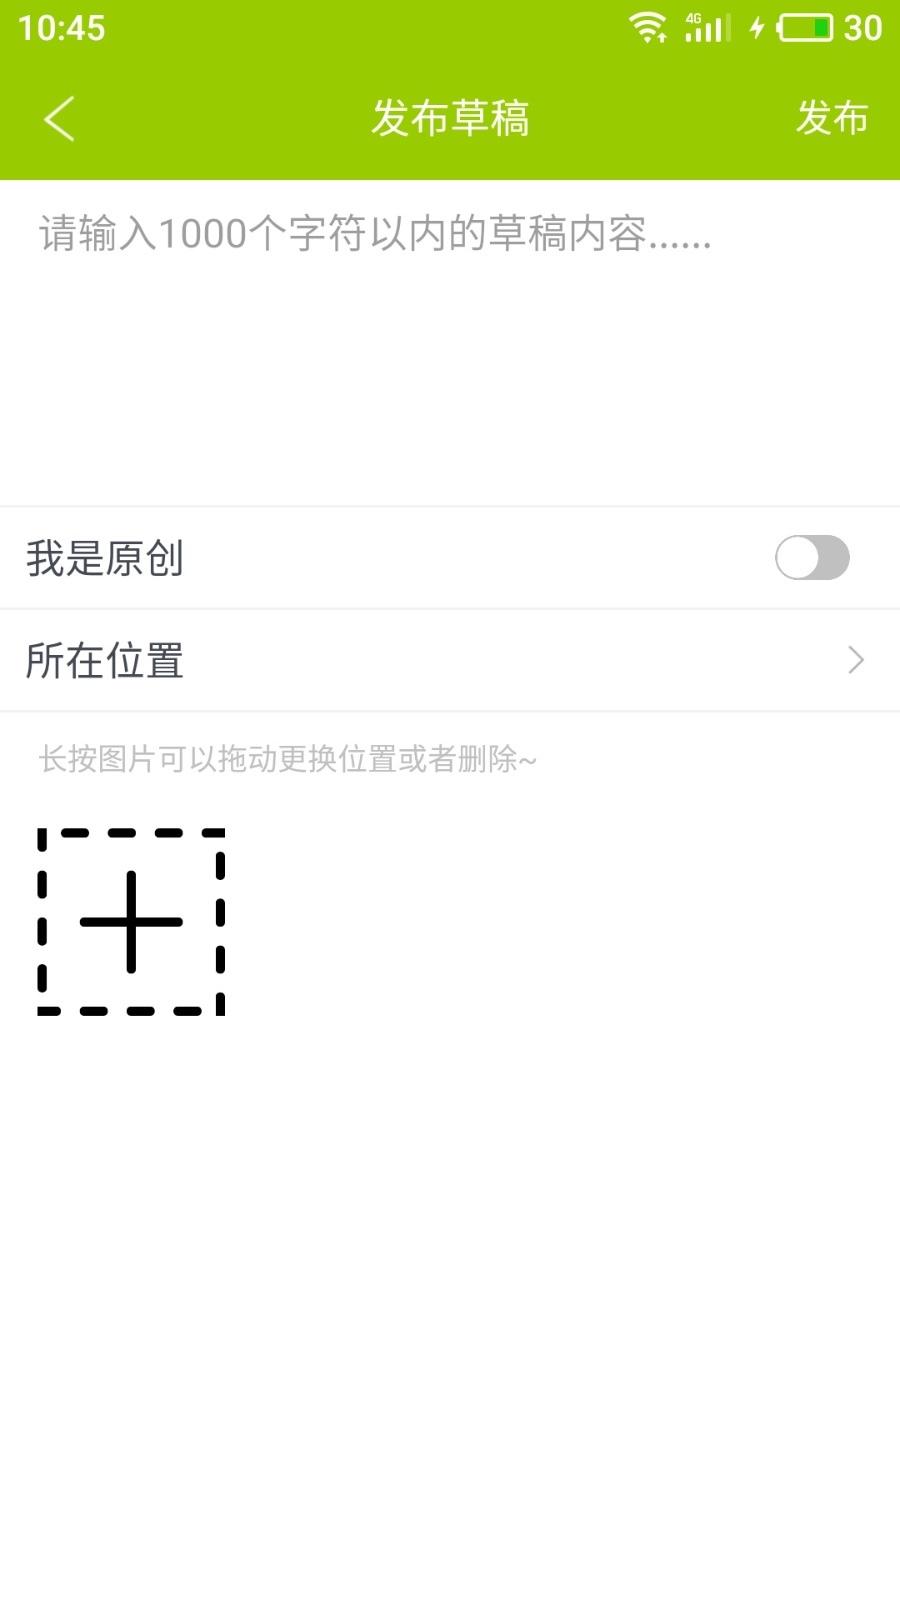 微纸条 V2.0.1 安卓版截图4